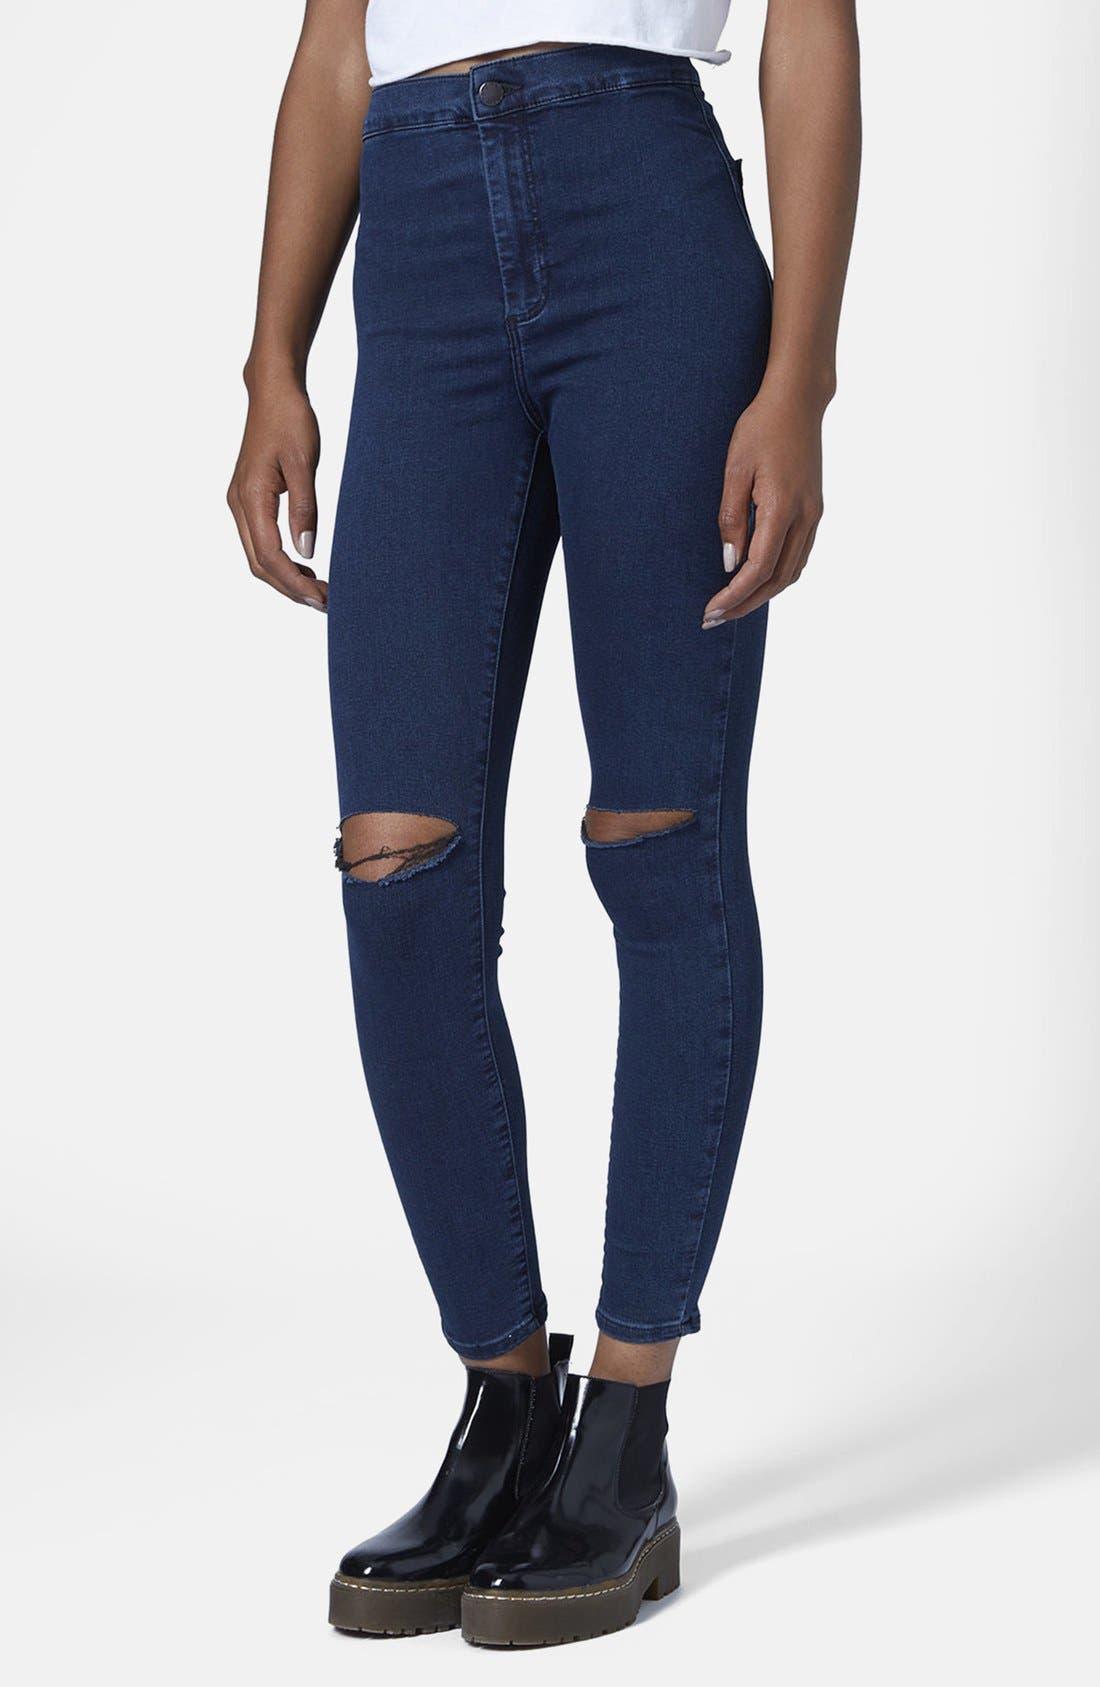 Main Image - Topshop Moto 'Joni' Ripped High Rise Skinny Jeans (Blue) (Petite)